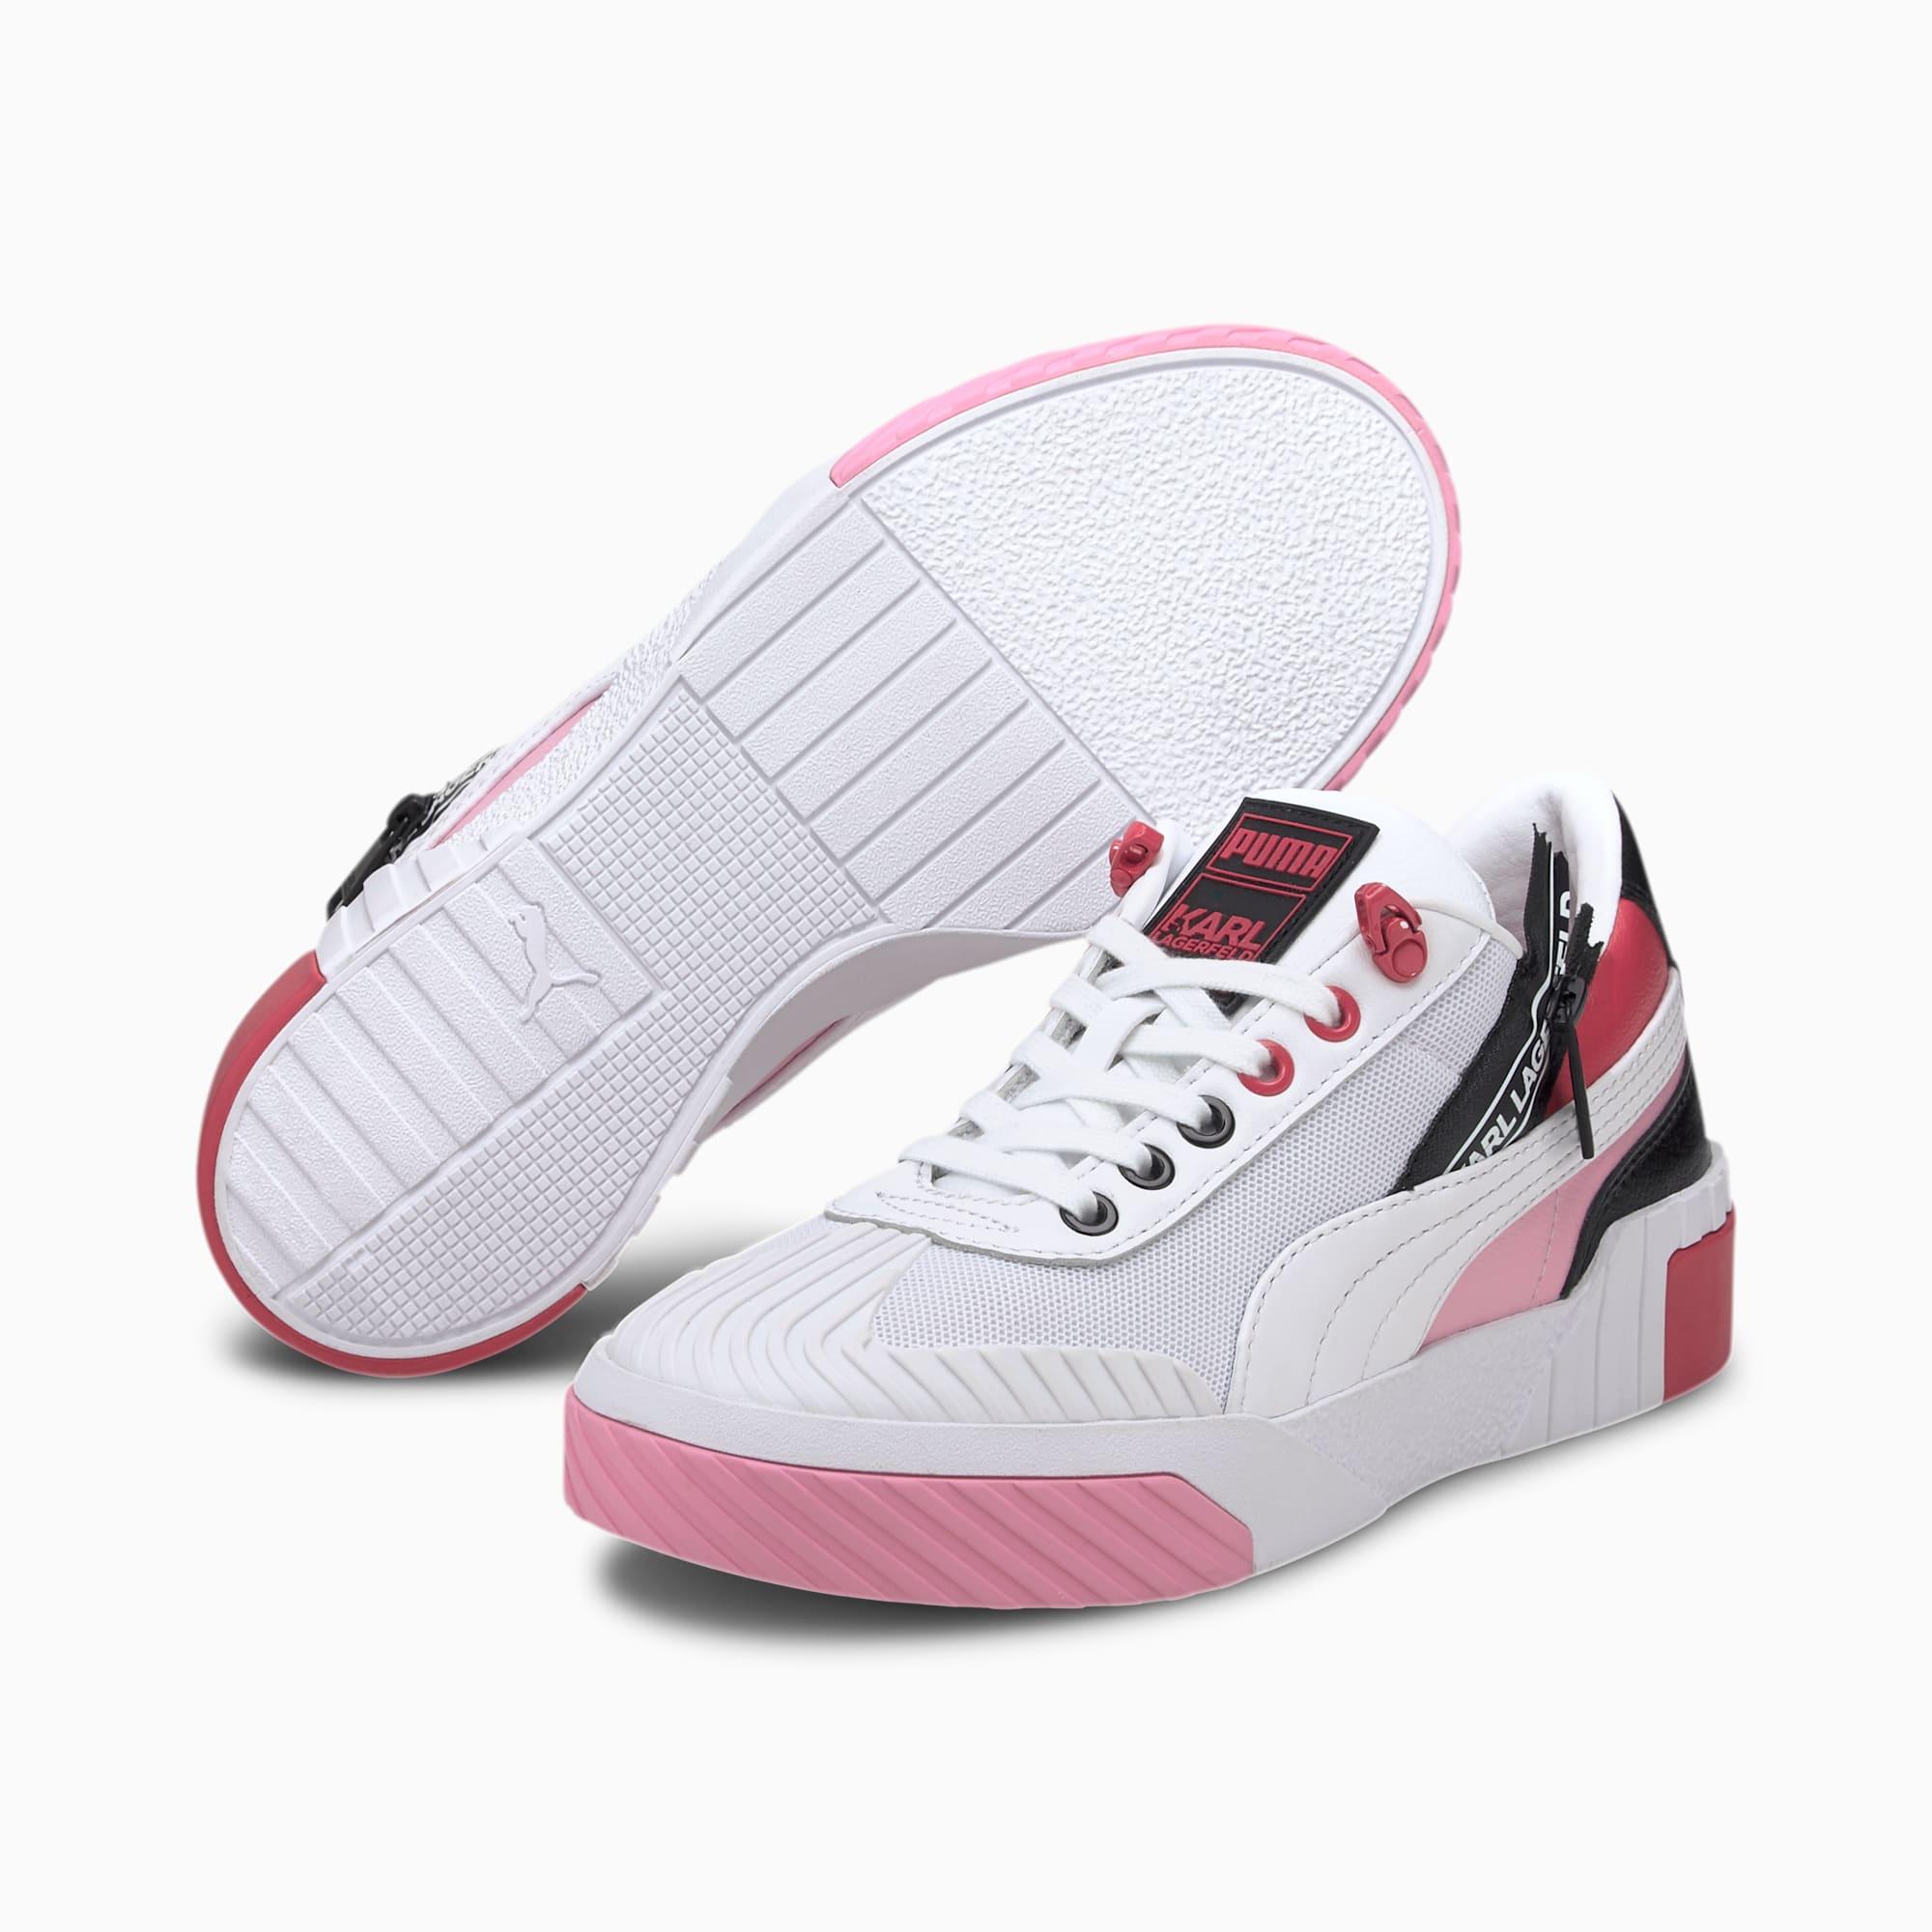 Plata Inaccesible tráfico  Zapatillas deportivas de mujer PUMA Drift Cat 7s ultra zapatos deportivos  ocio cortos zapatillas White 339862-02 Ropa, calzado y complementos  armorex.ro